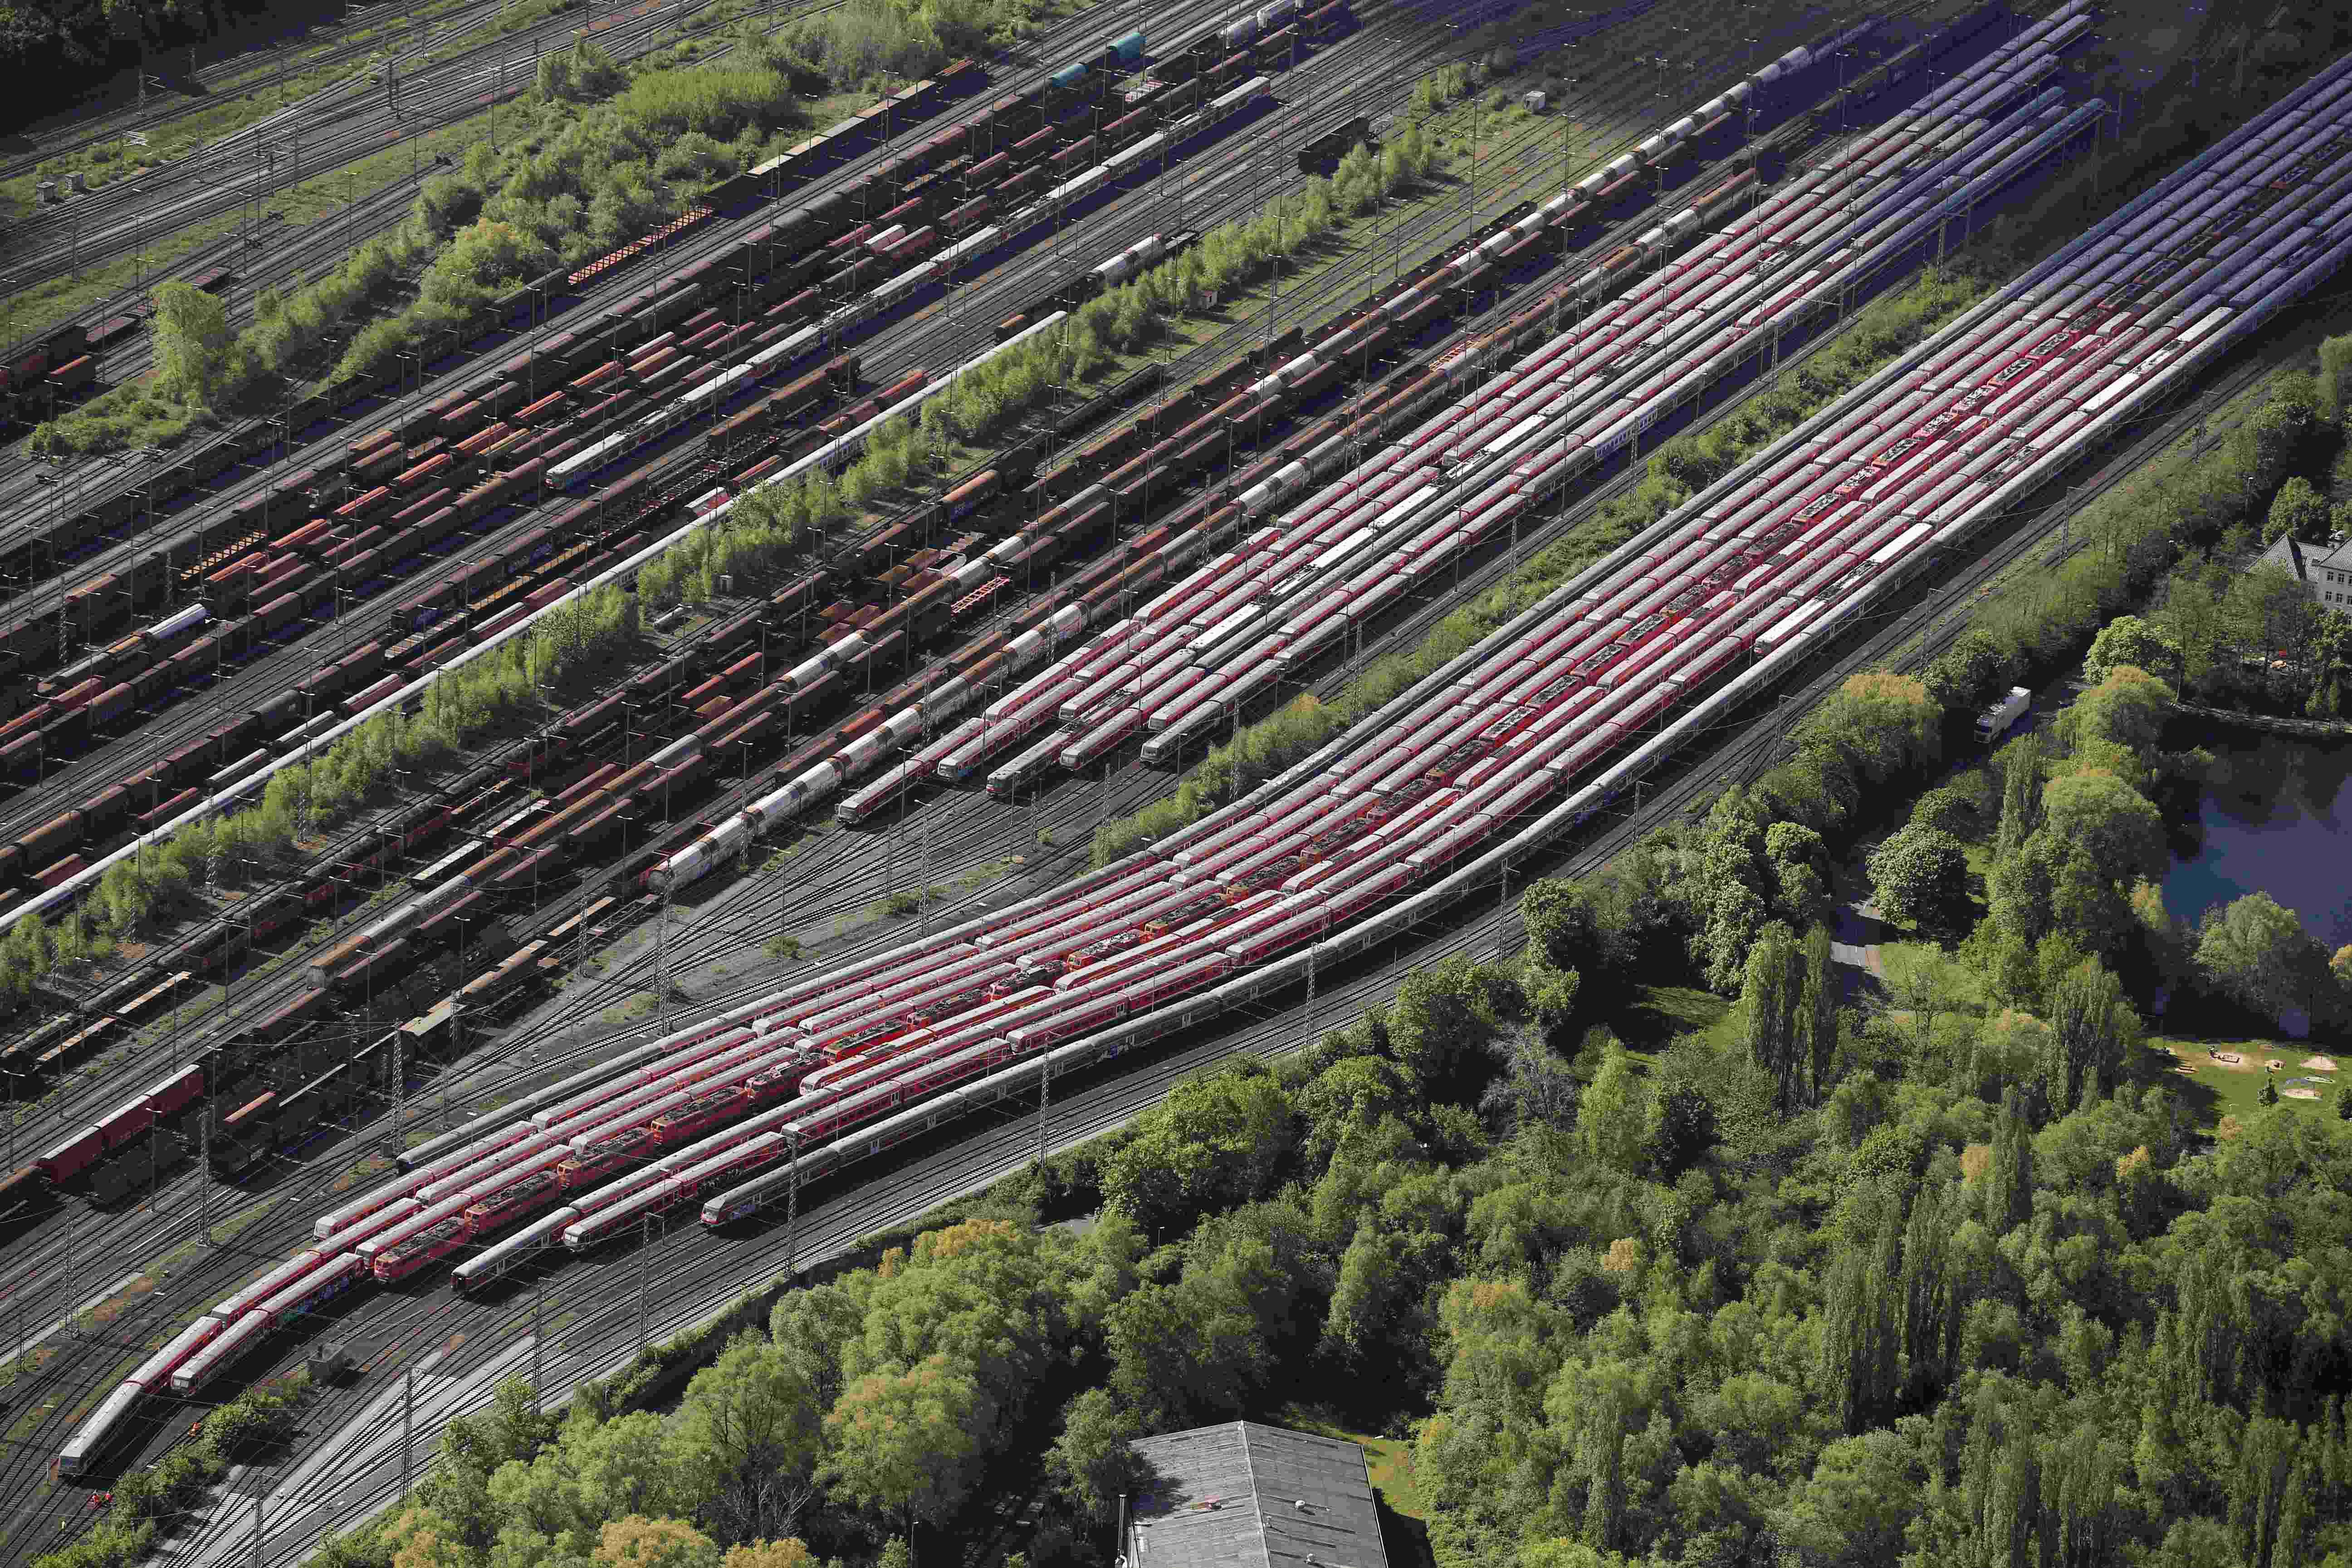 Gerbong, lokomotif, dan kereta kargo perusahaan kereta api Jerman Deutsche Bahn diparkir di fasilitas penyimpanan di Hamm, dekat Dortmund, Jerman, Rabu (6/5). Aksi mogok selama tujuh hari oleh serikat masinis kereta GDL dimulai Senin lalu, aksi mogok kedelapan dalam serangkaian pemogokan atas upah dan kondisi kerja, mengancam akan adanya kekacauan transportasi para pelaju dan gangguan terhadap rantai distribusi penting. ANTARA FOTO/REUTERS/Wolfgang Rattay.